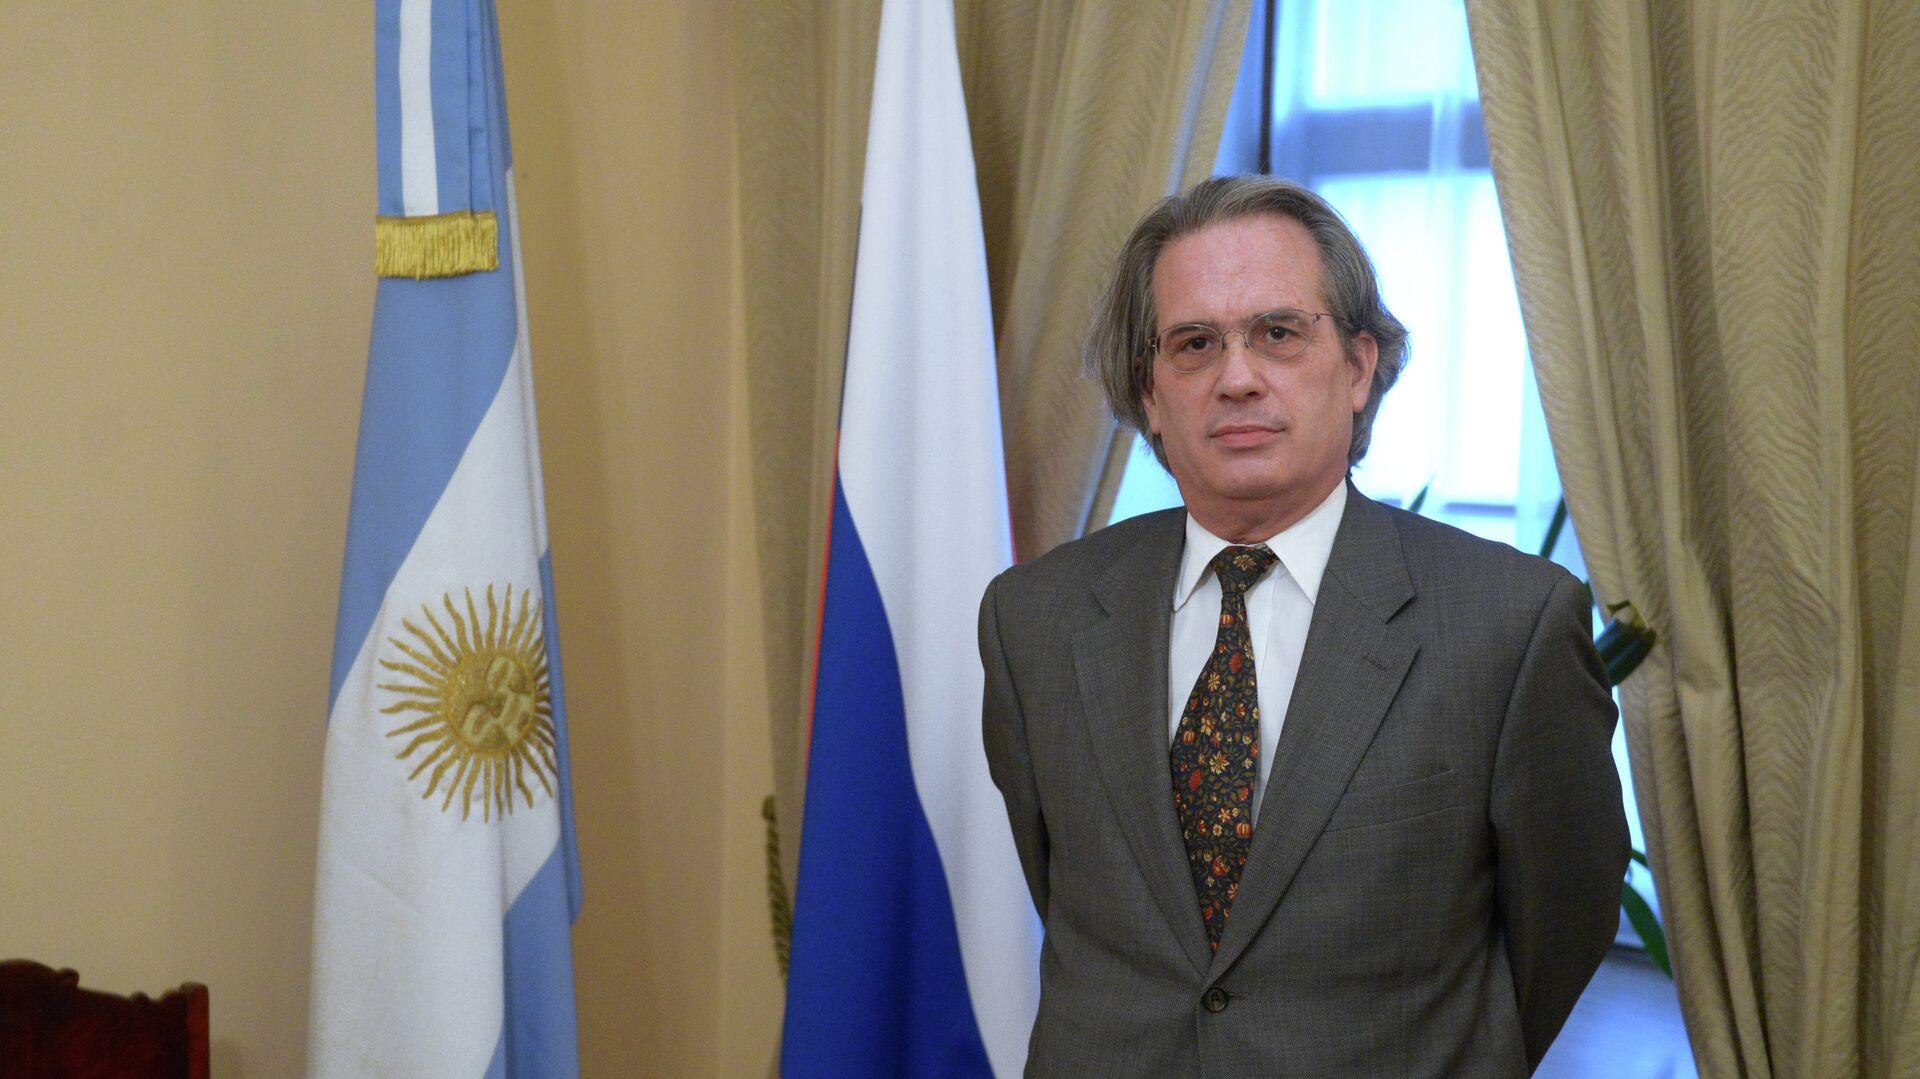 Pablo Tettamanti, embajador de Argentina en Rusia, durante una entrevista en Moscu - Sputnik Mundo, 1920, 06.10.2021